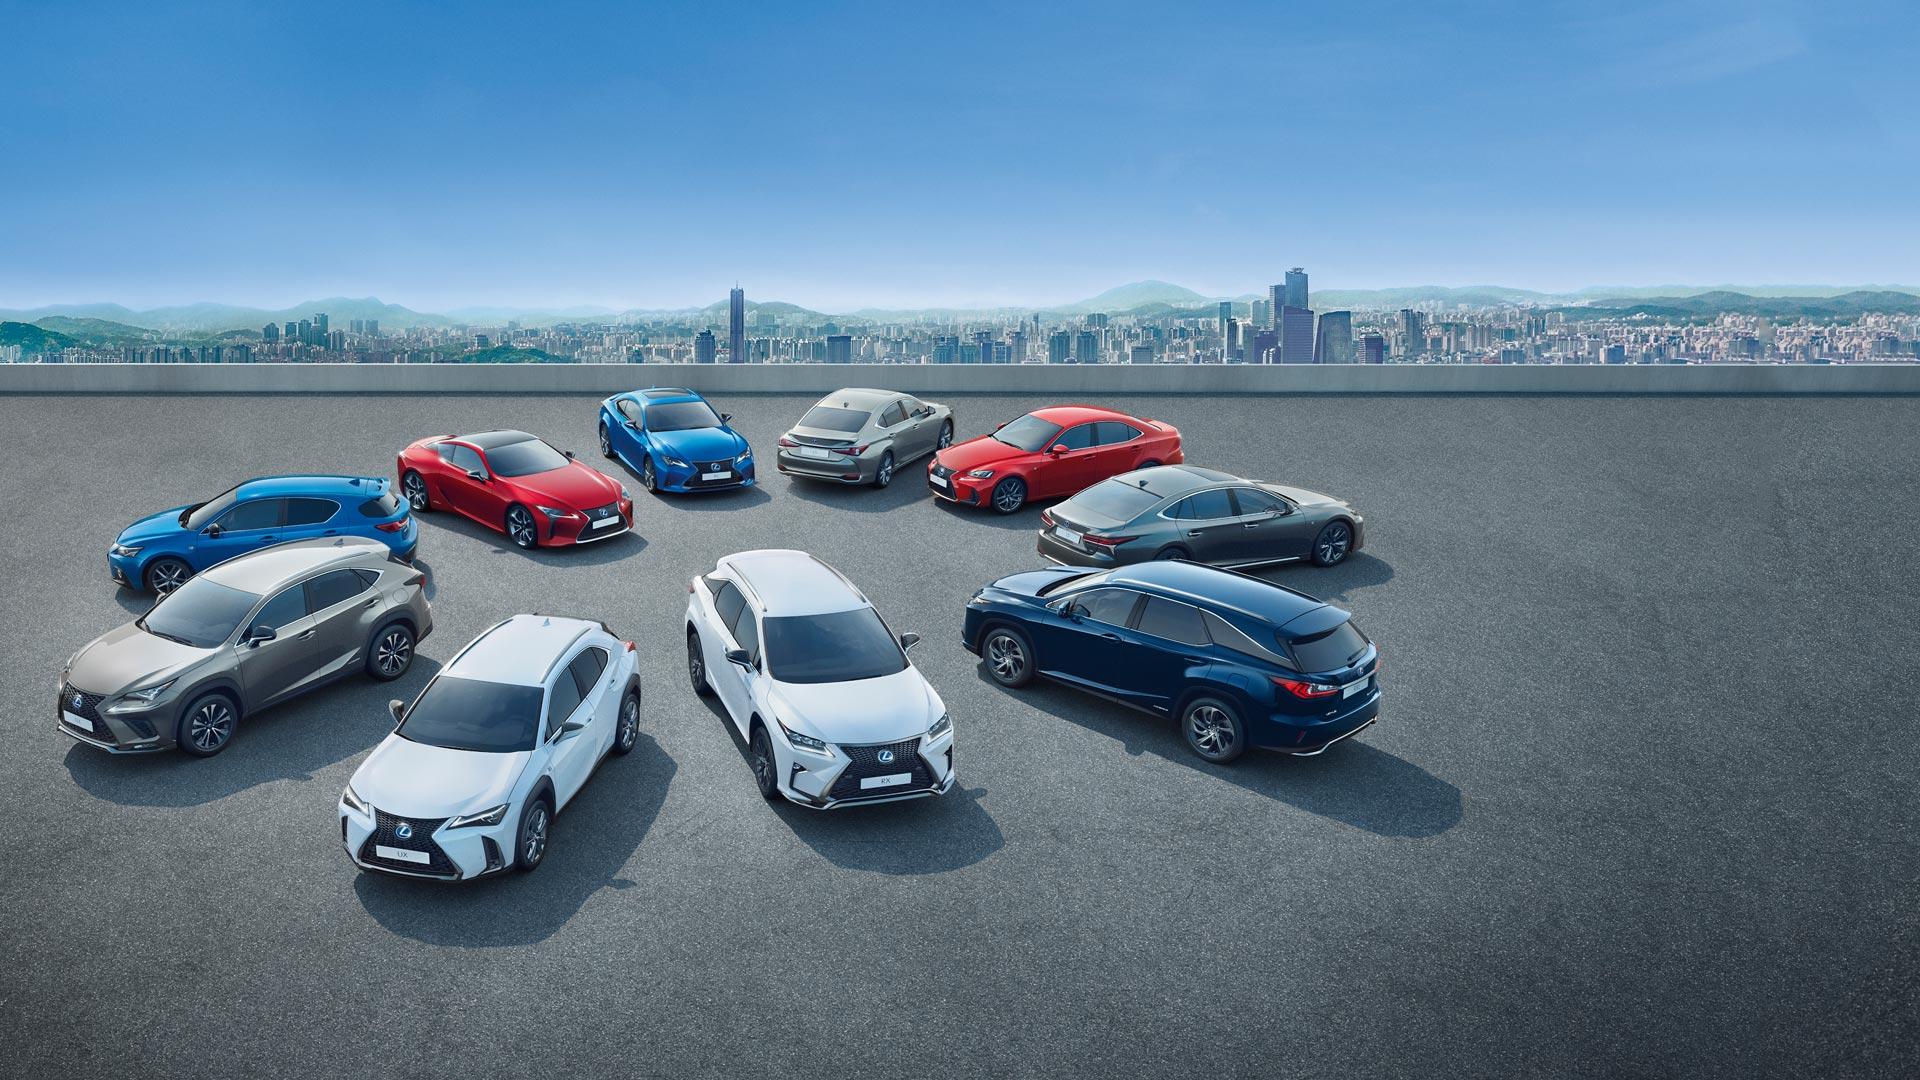 De volledige Hybrid range van Lexus